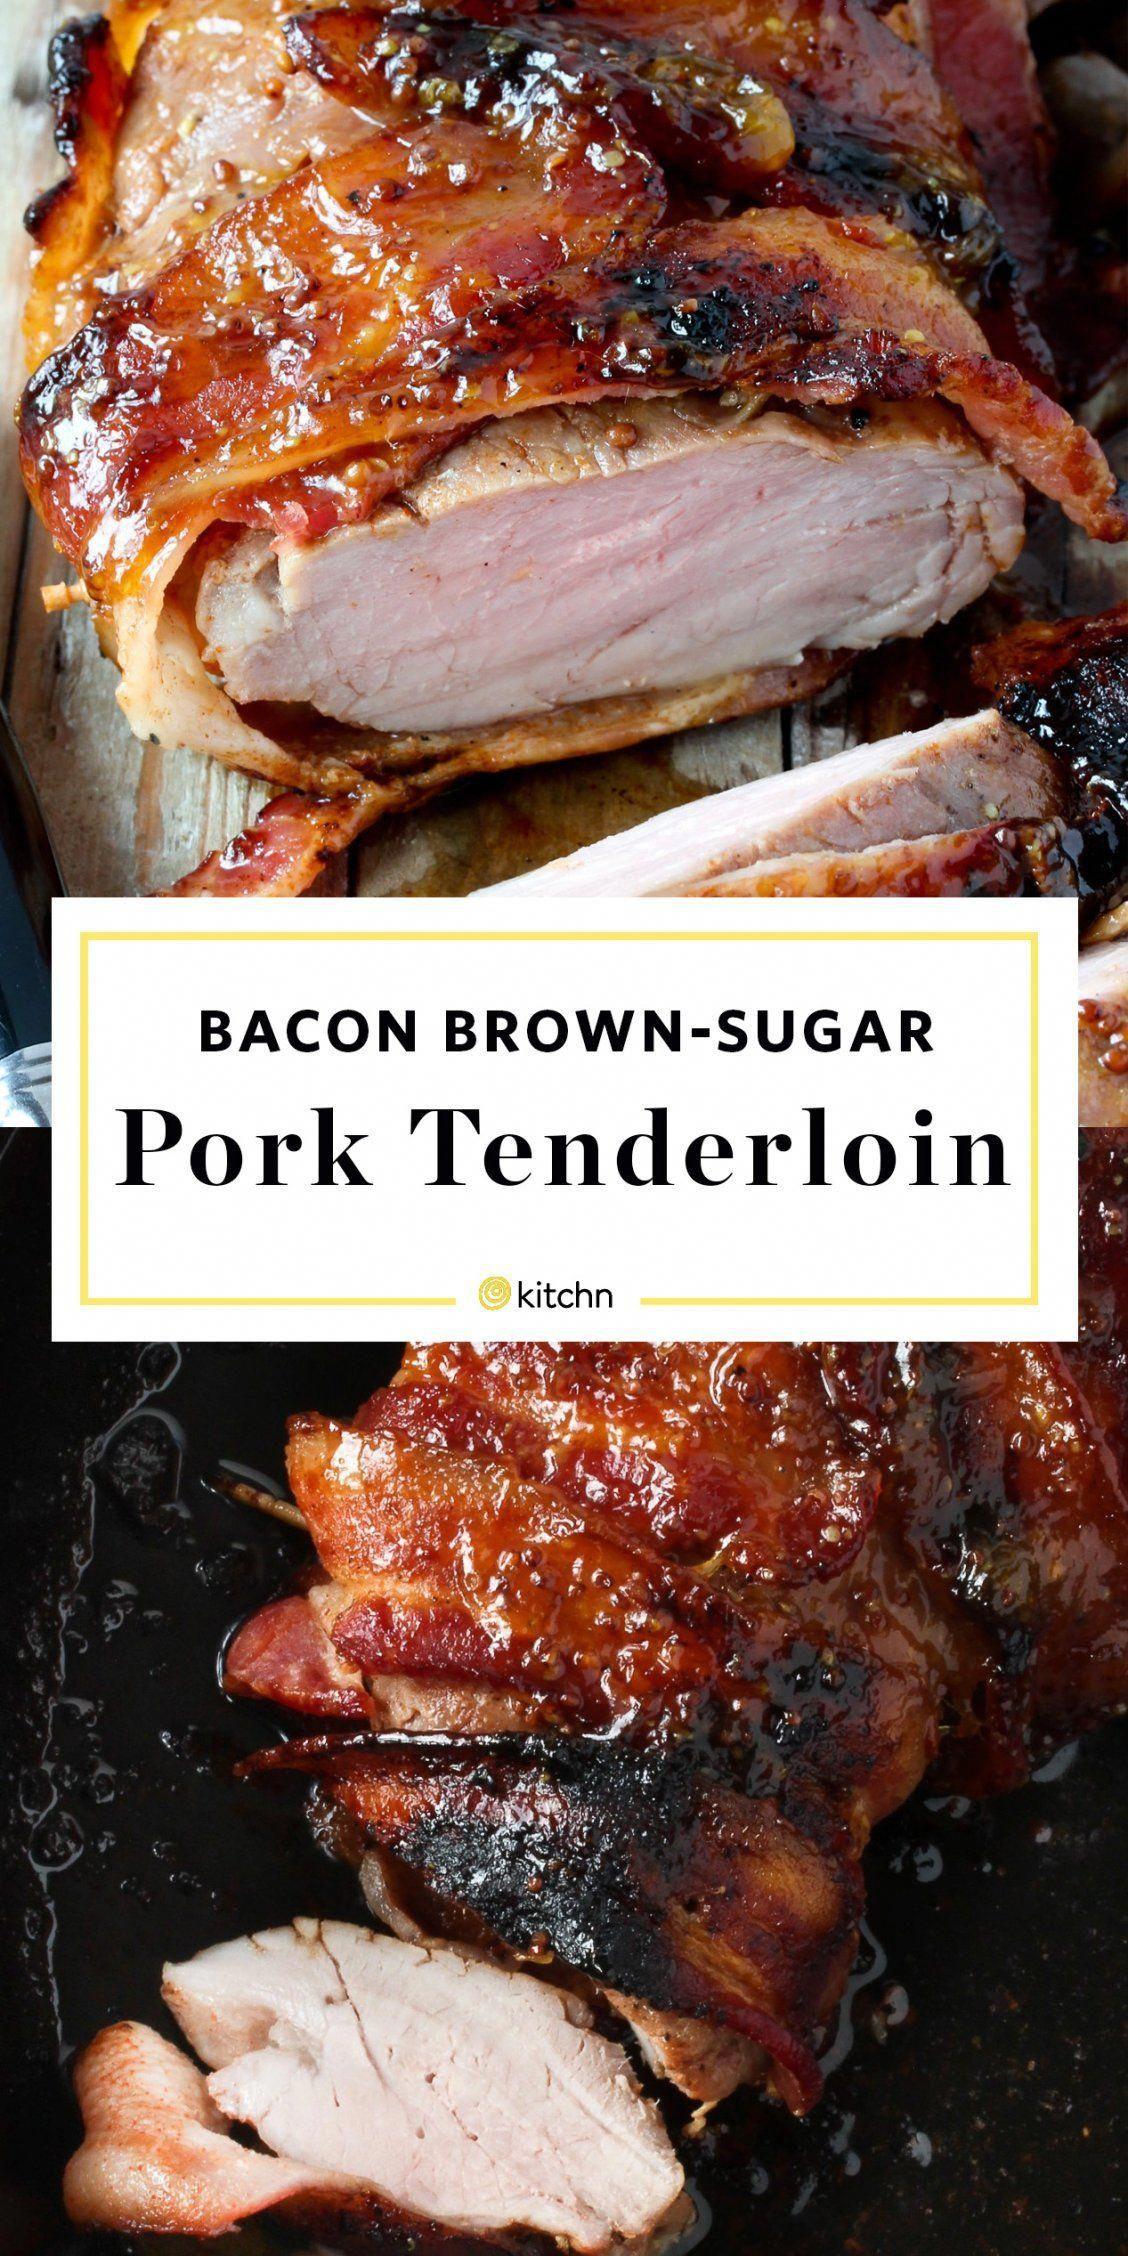 Bacon-Brown Sugar Pork Tenderloin | Recipe | Pork tenderloin recipe brown sugar, Pork tenderloin ...